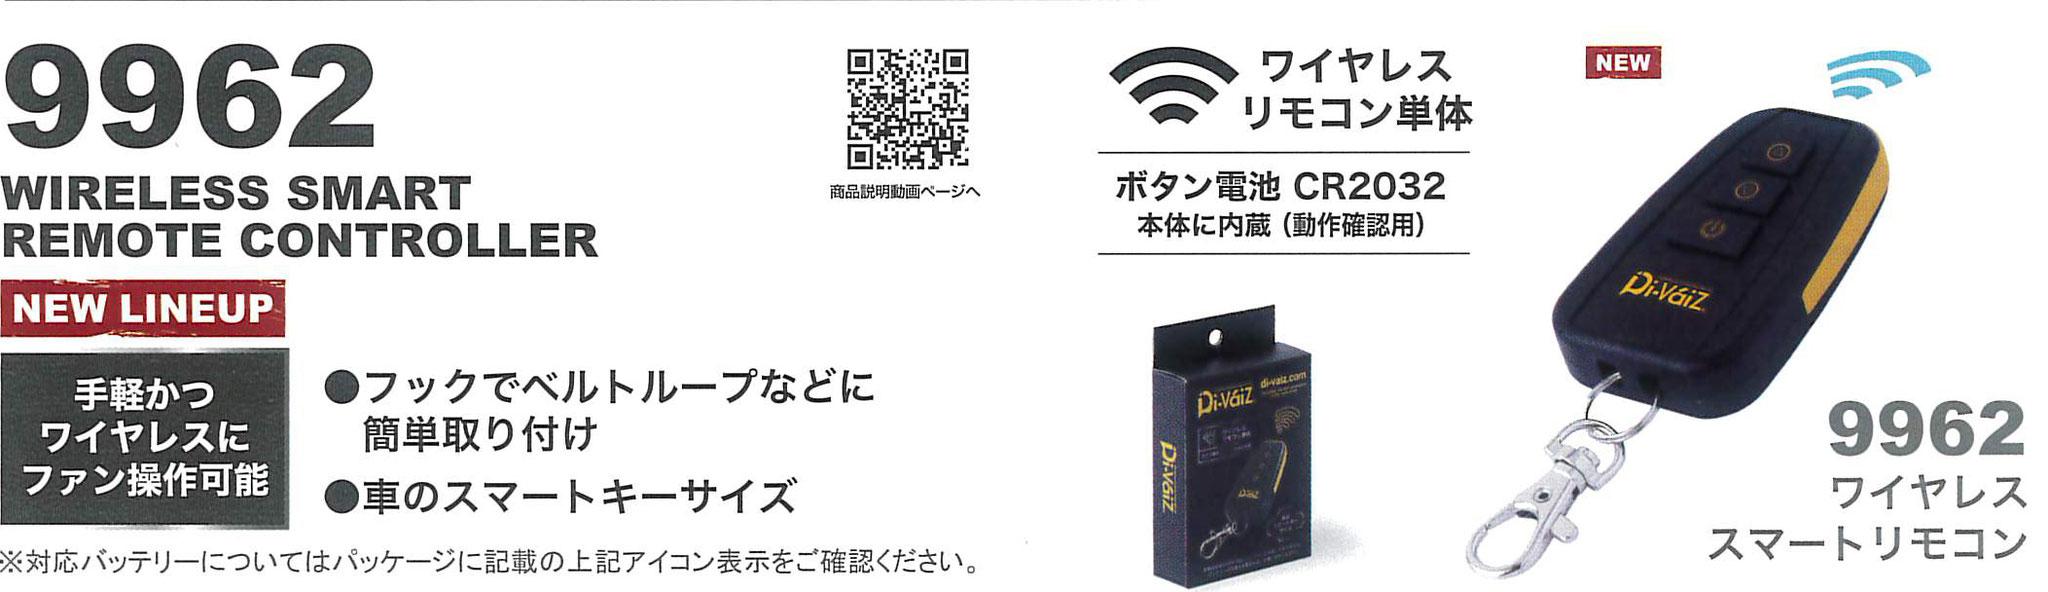 中国産業 WIND ZONE~9960/9956 空調機器 ¥15,850(税込)